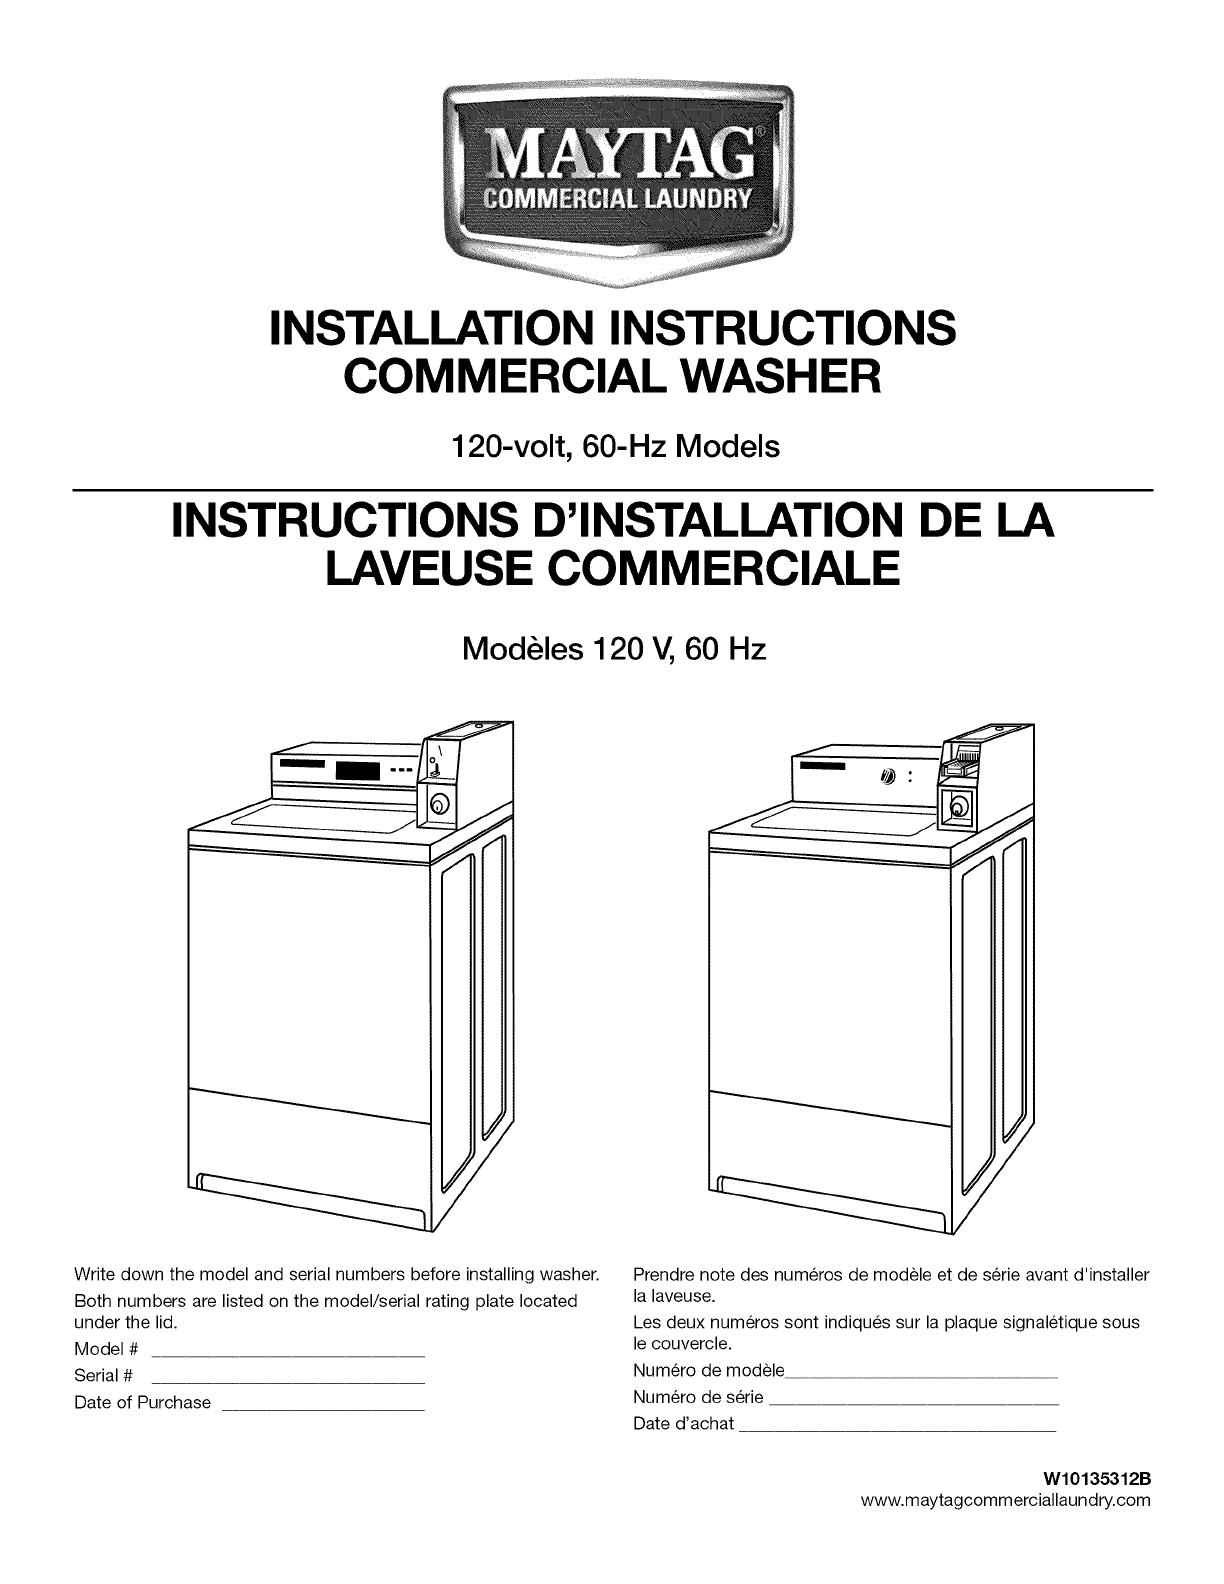 Commercial Washer Wiring Trusted Schematics Diagram Beko Washing Machine Maytag Nemetas Aufgegabelt Info Cable